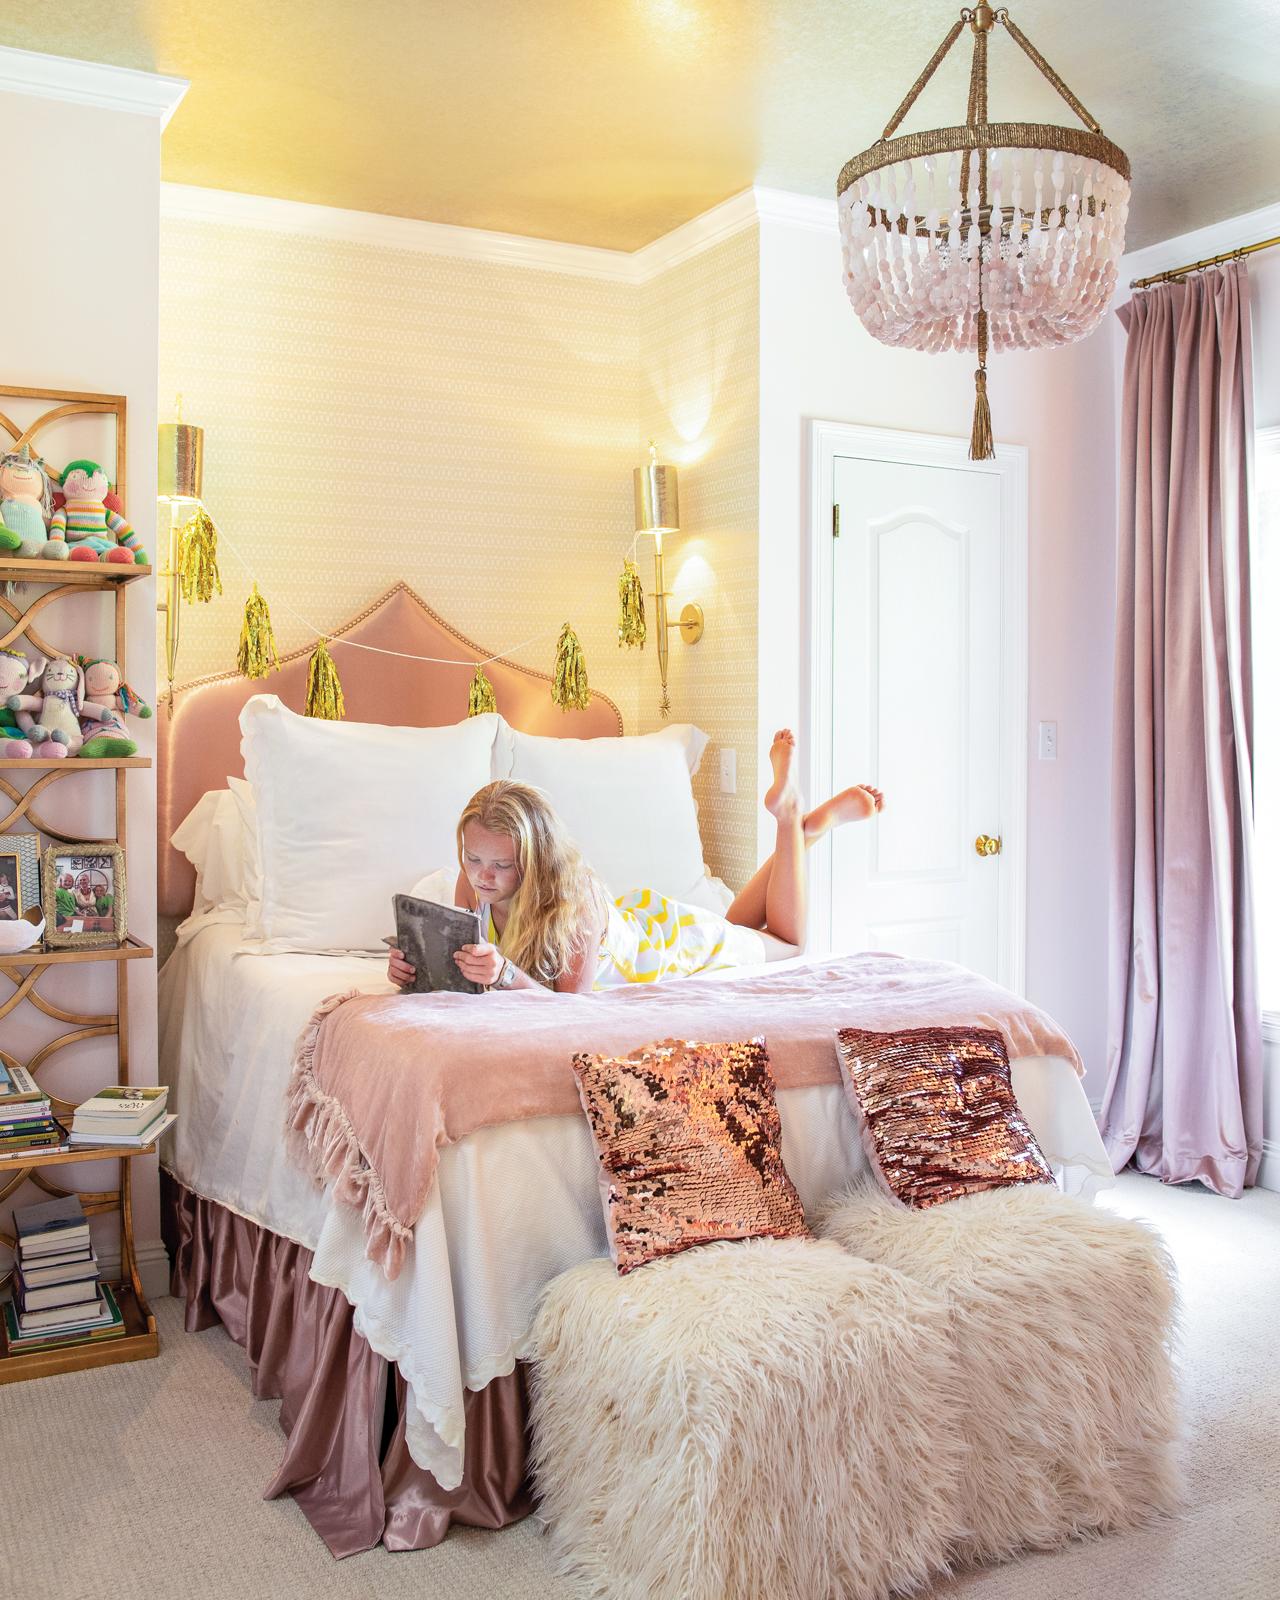 4 Amazing Kids Rooms